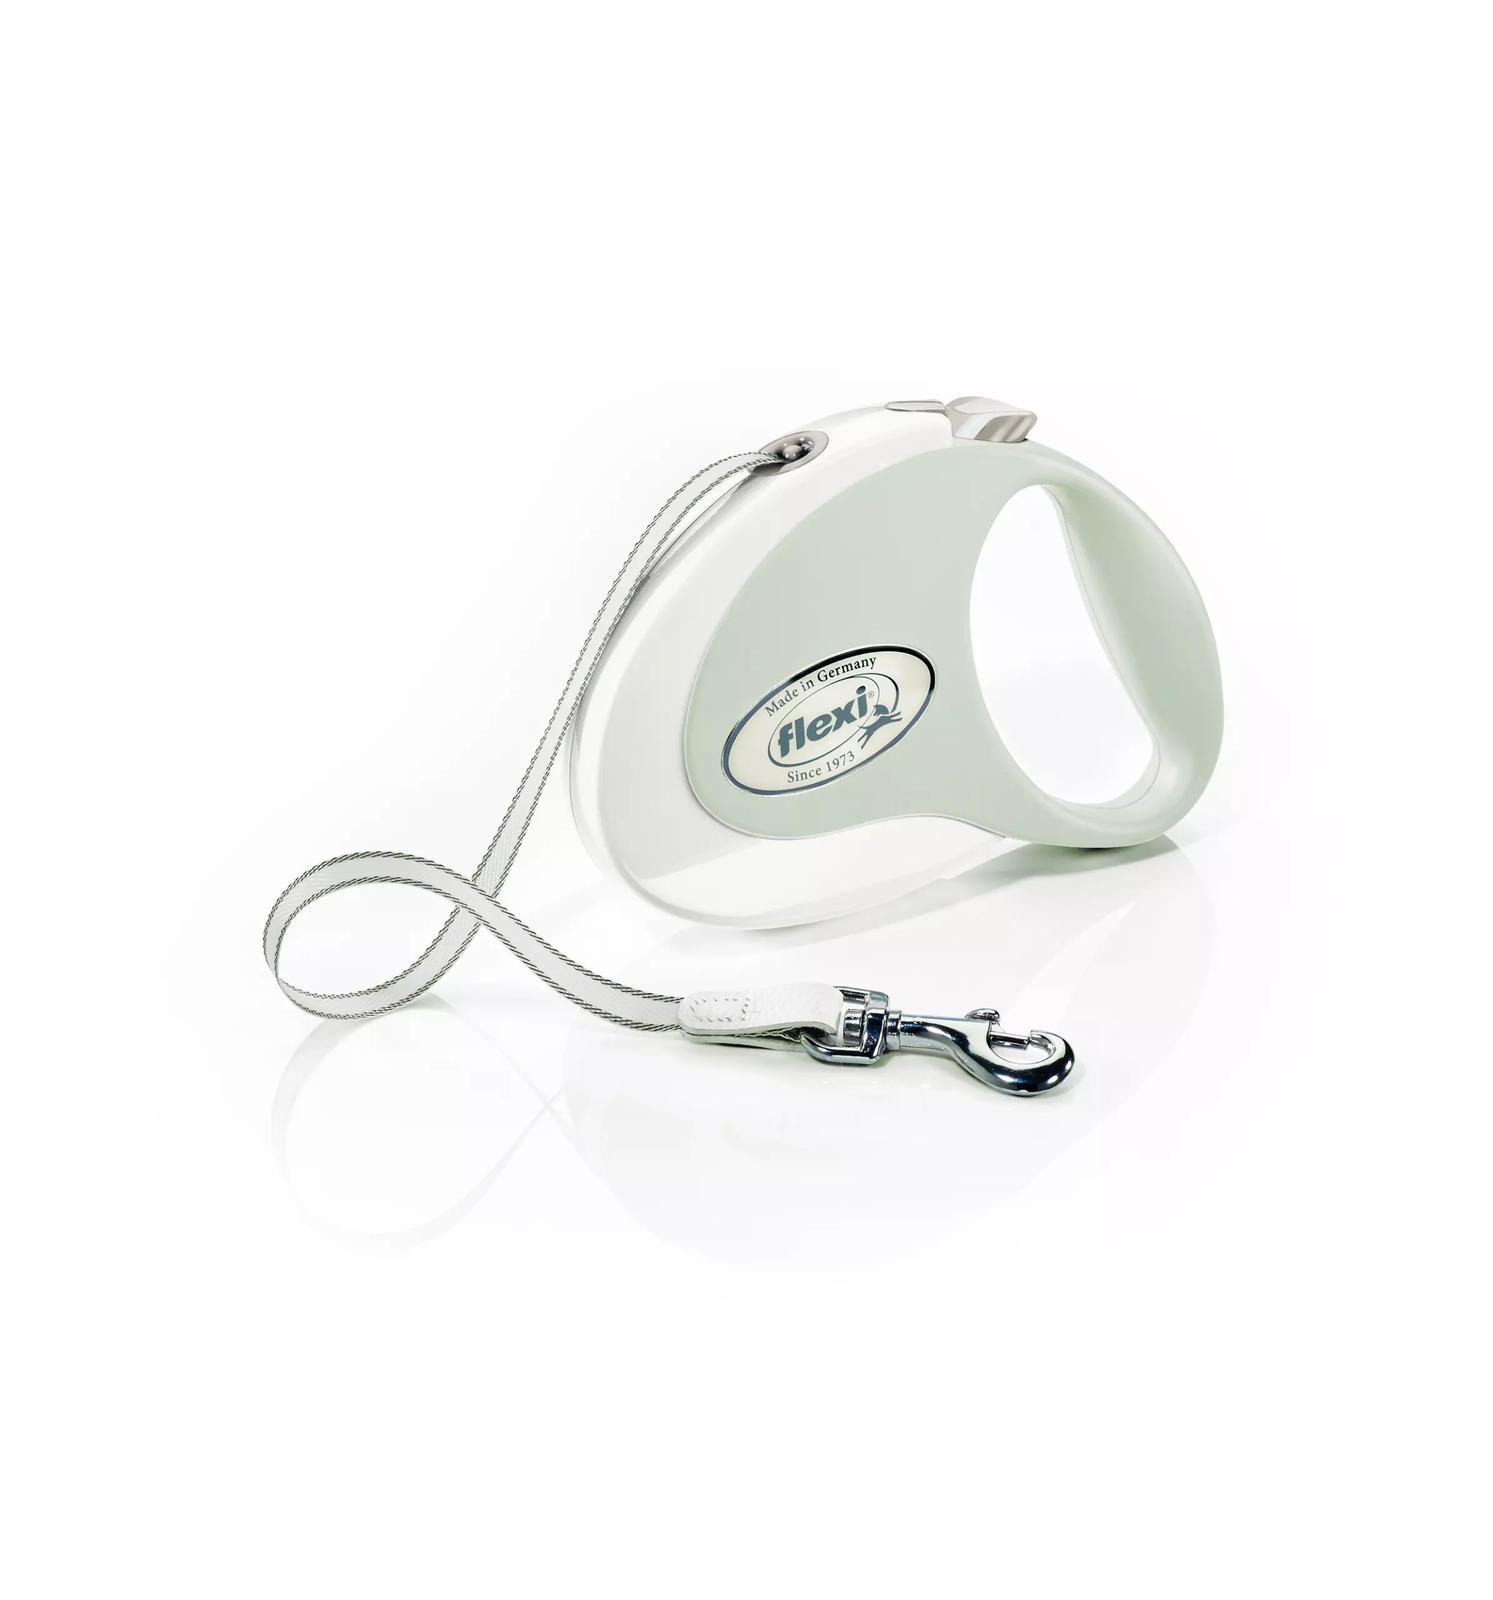 FLEXI Smycz automatyczna Style M taśma 5 m biały